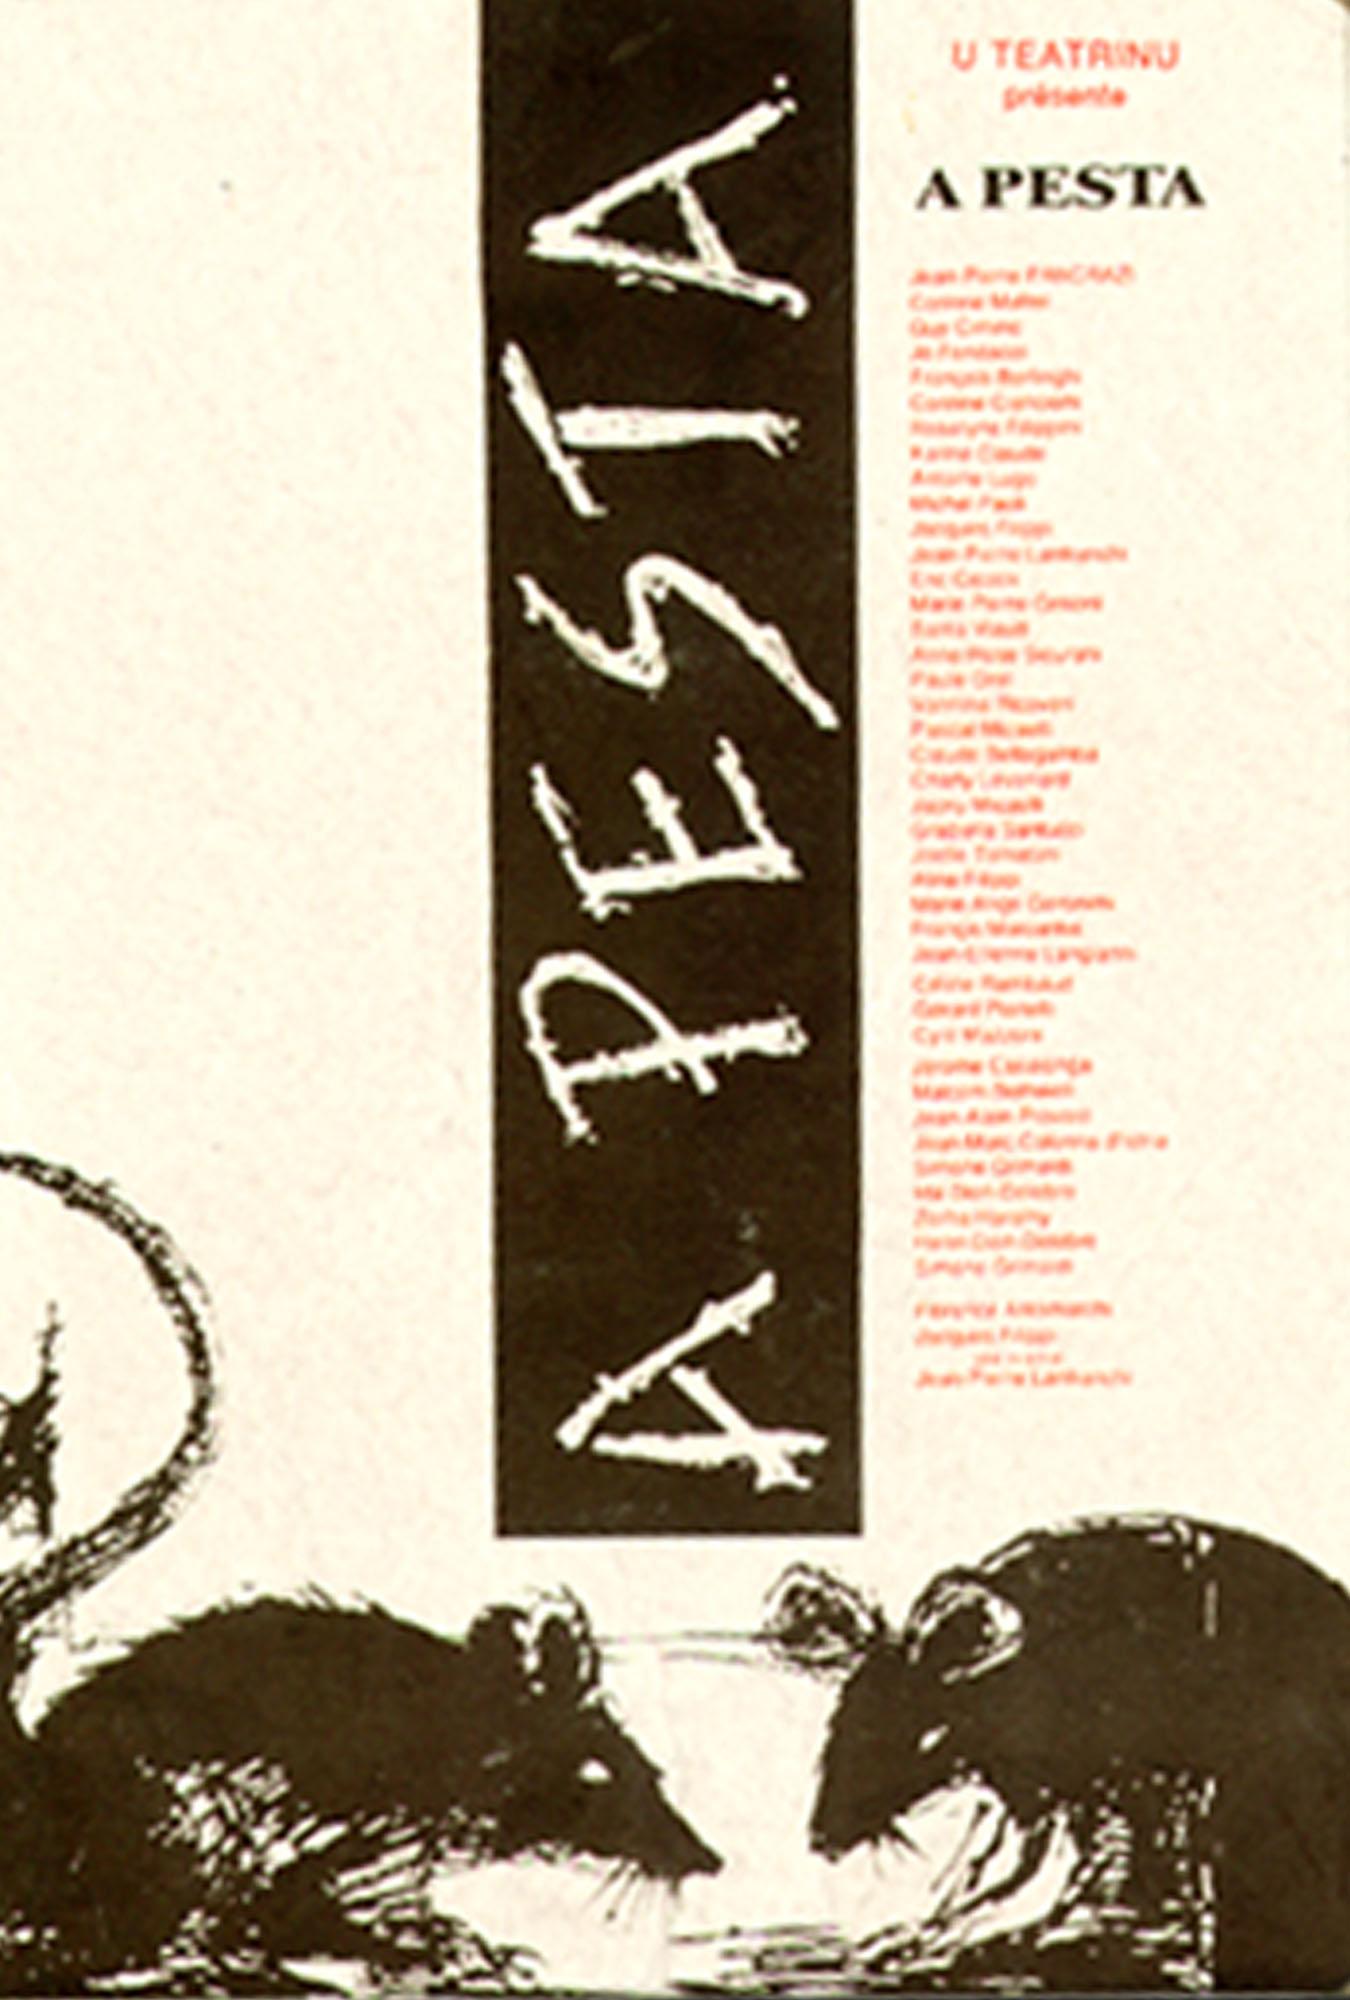 affiche-apesta